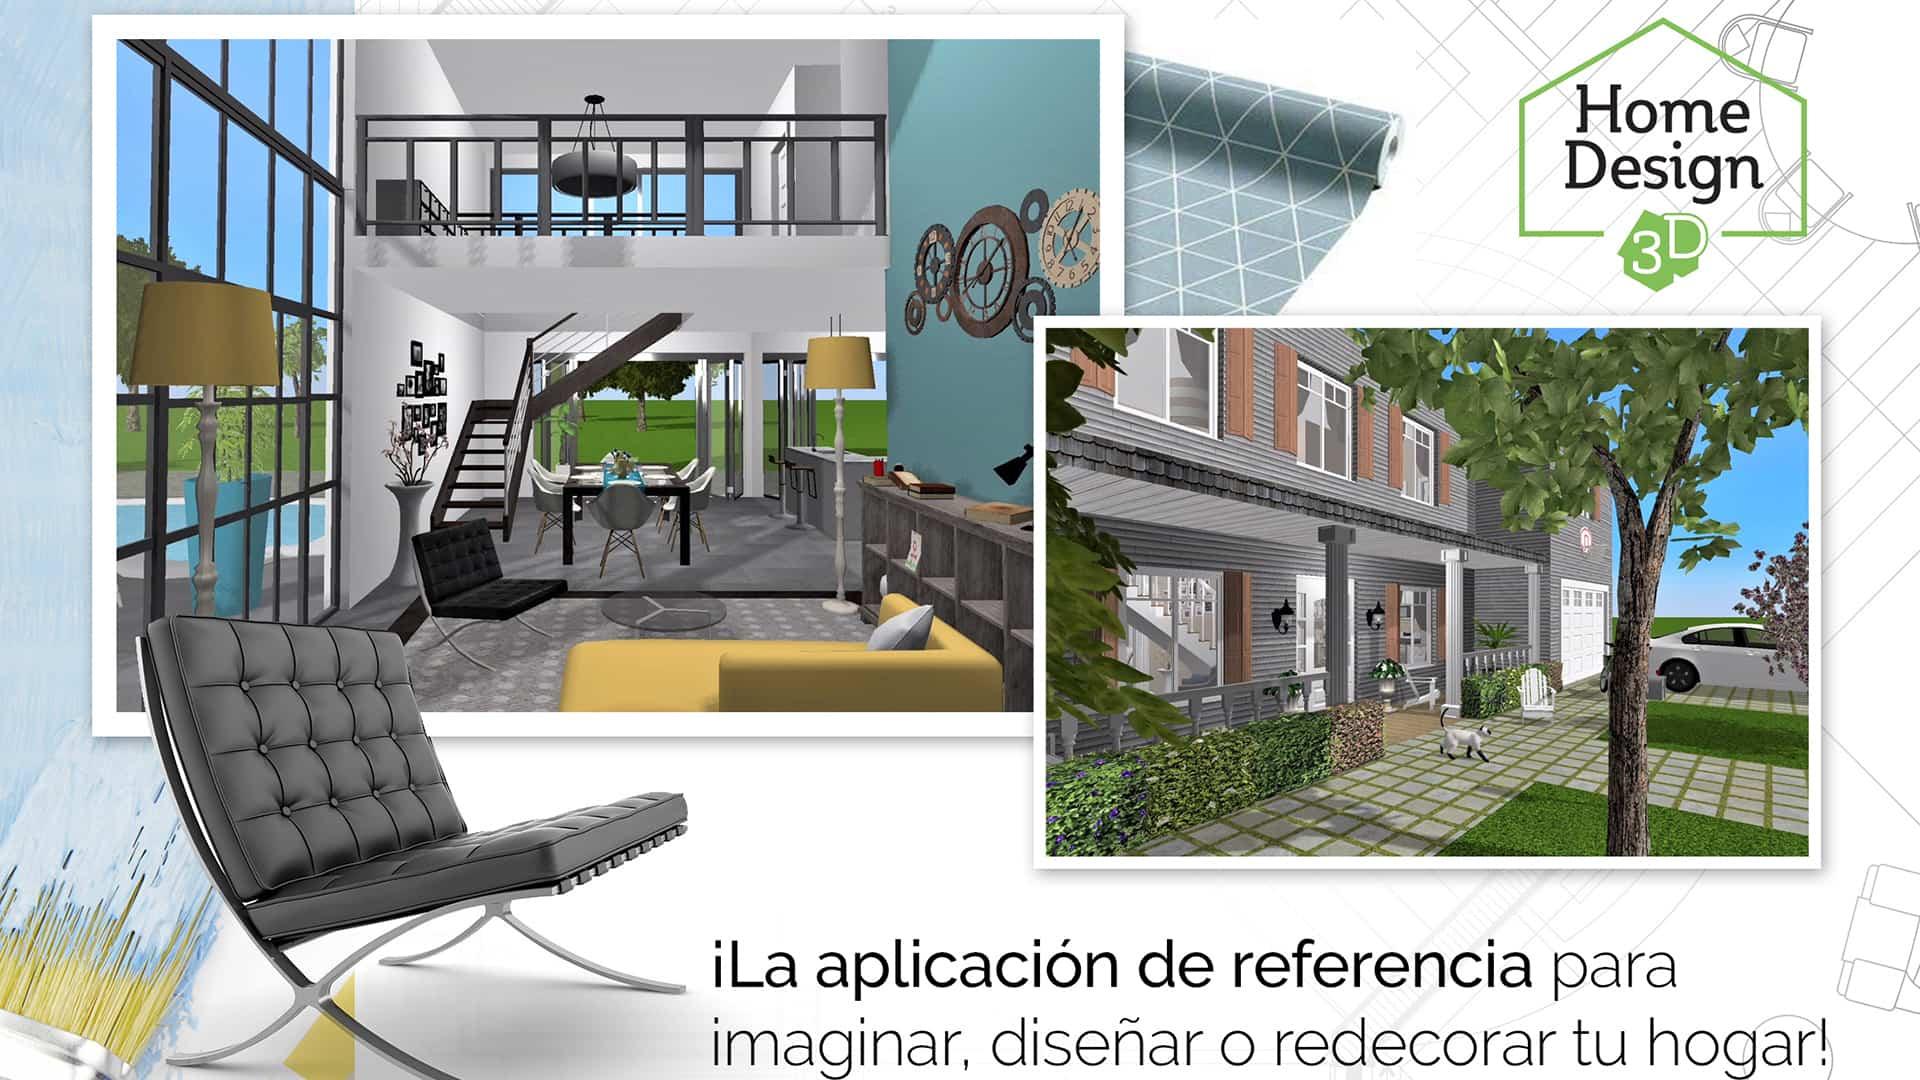 Home Design 3d decorar tu casa